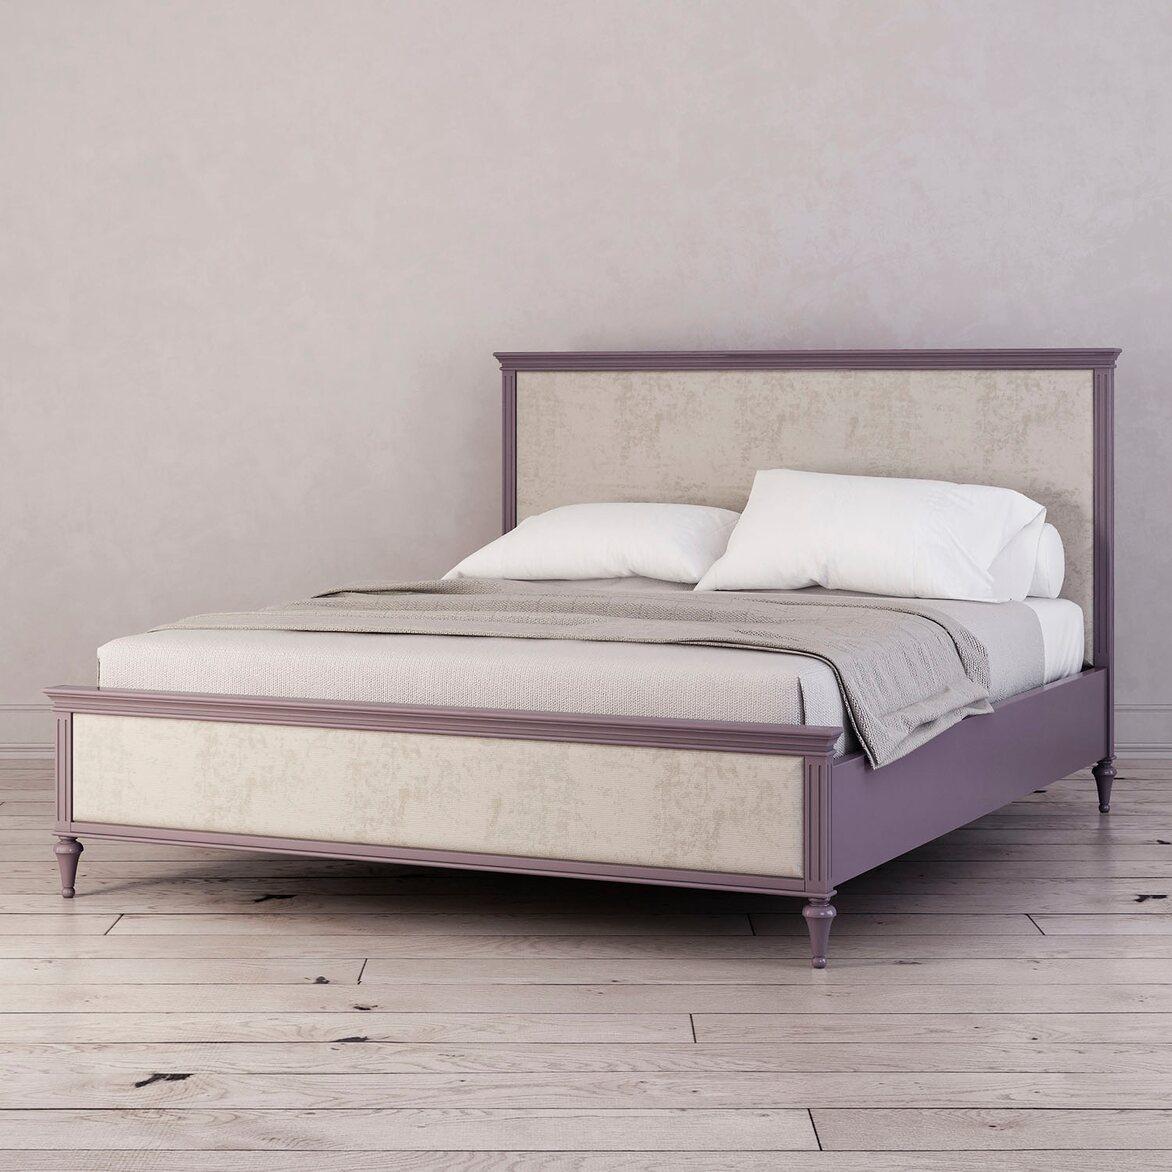 Кровать с мягким изголовьем 160*200 Riverdi, орхидея 2 | Двуспальные кровати Kingsby